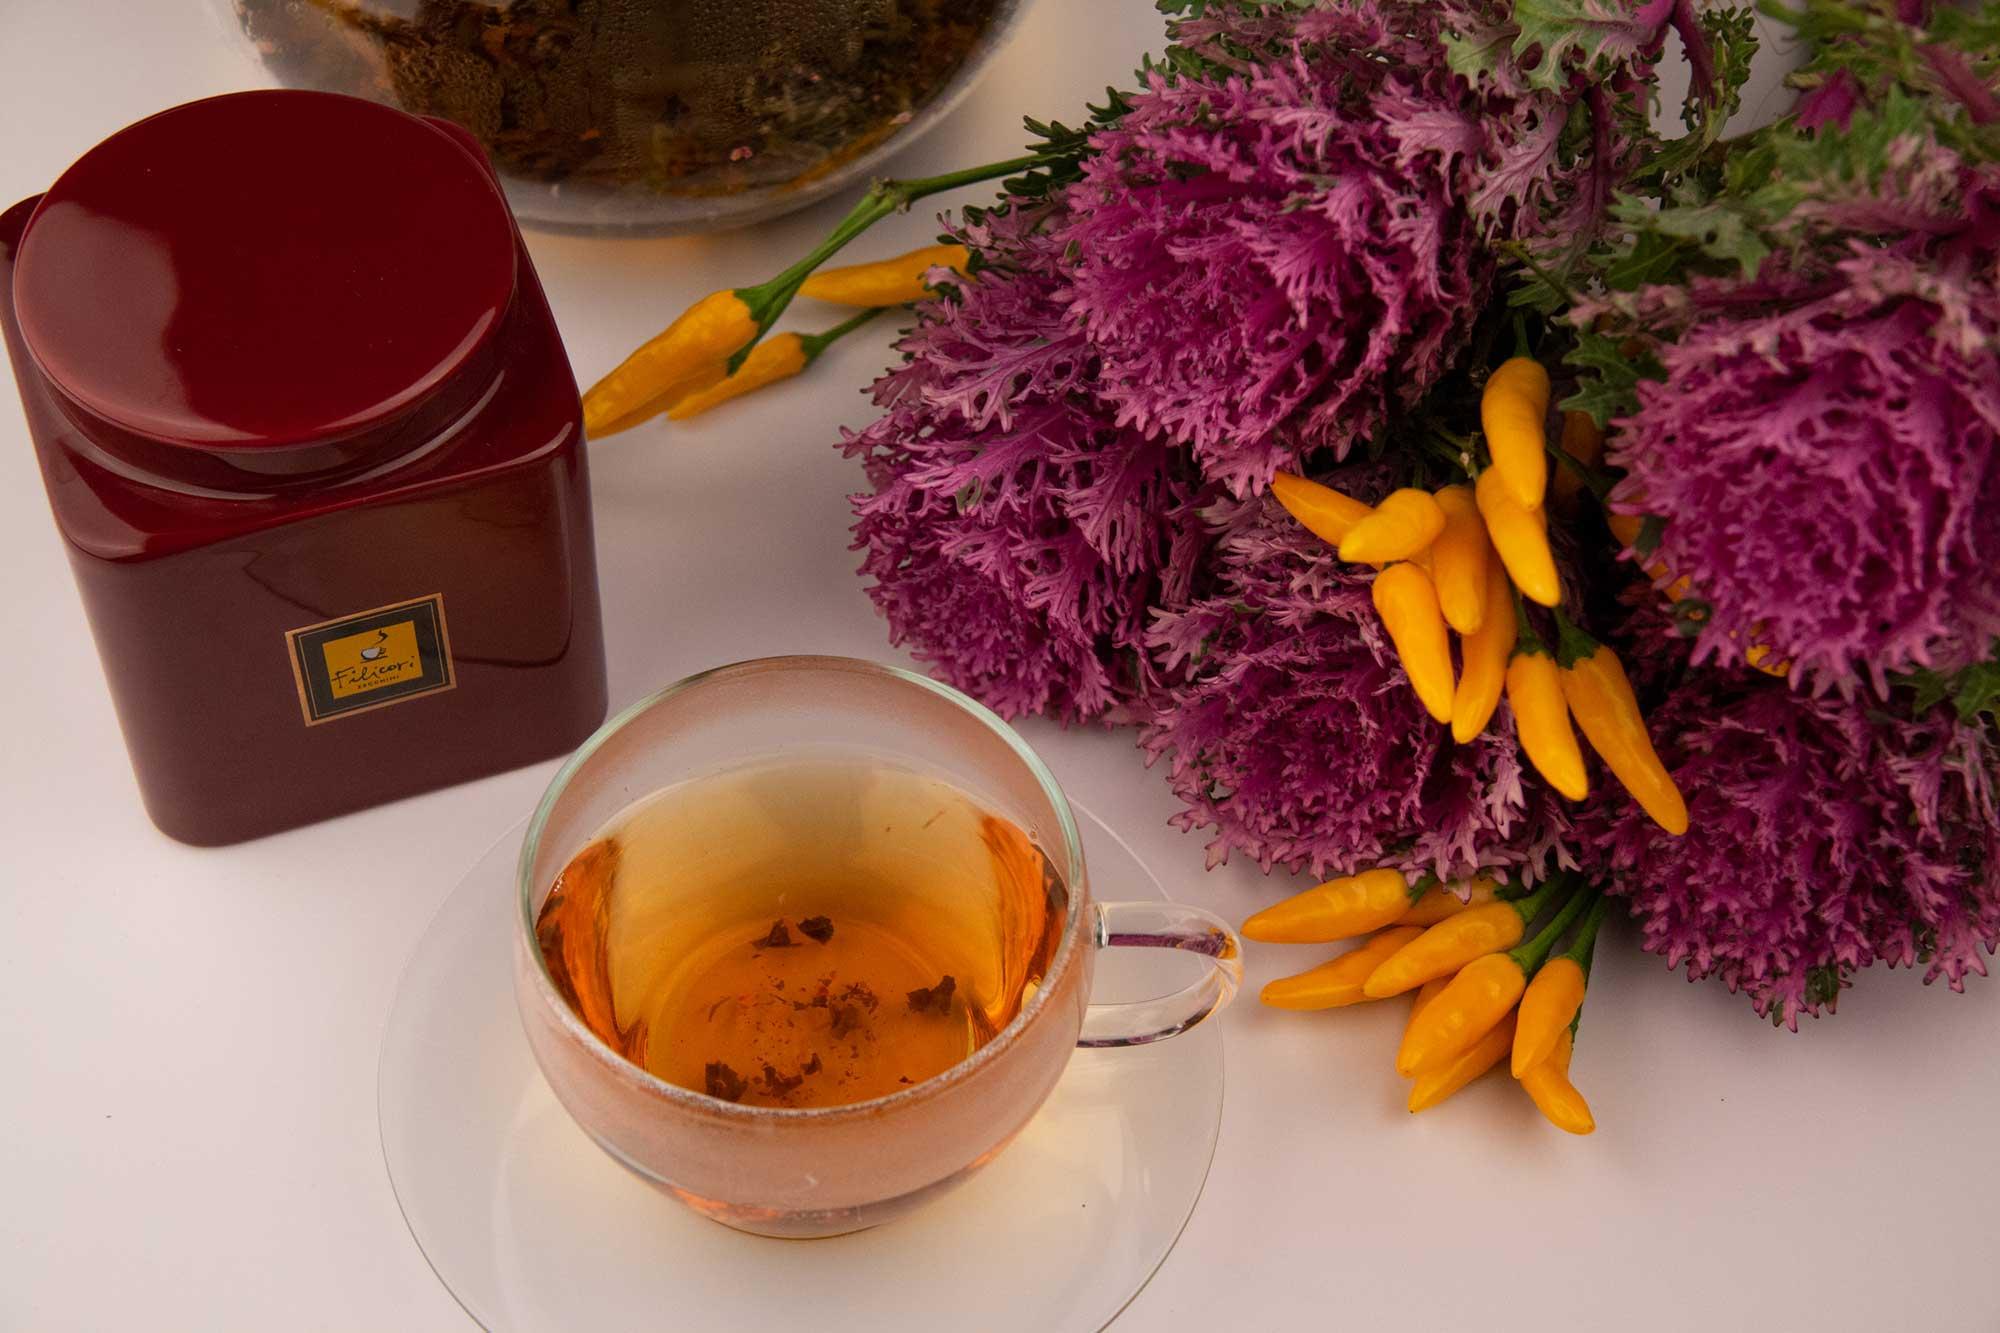 5 Tips For Storing Loose Leaf Tea